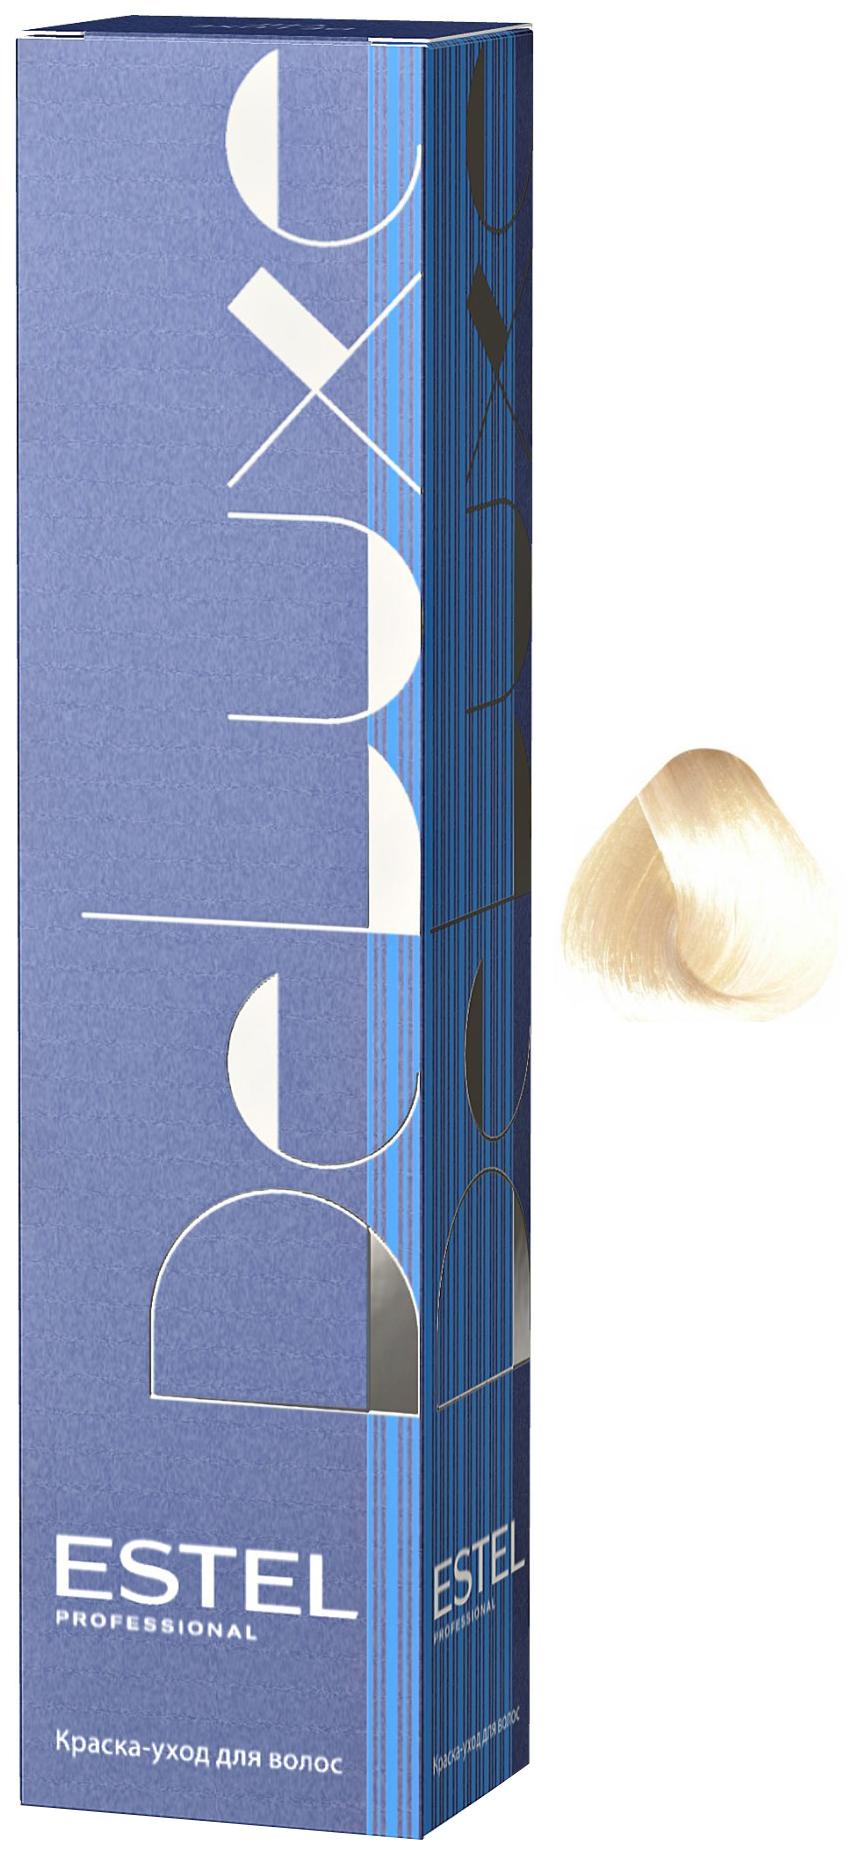 Краска для волос ESTEL De Luxe 10/76 Cветлый блондин коричнево-фиолетовый 60 мл